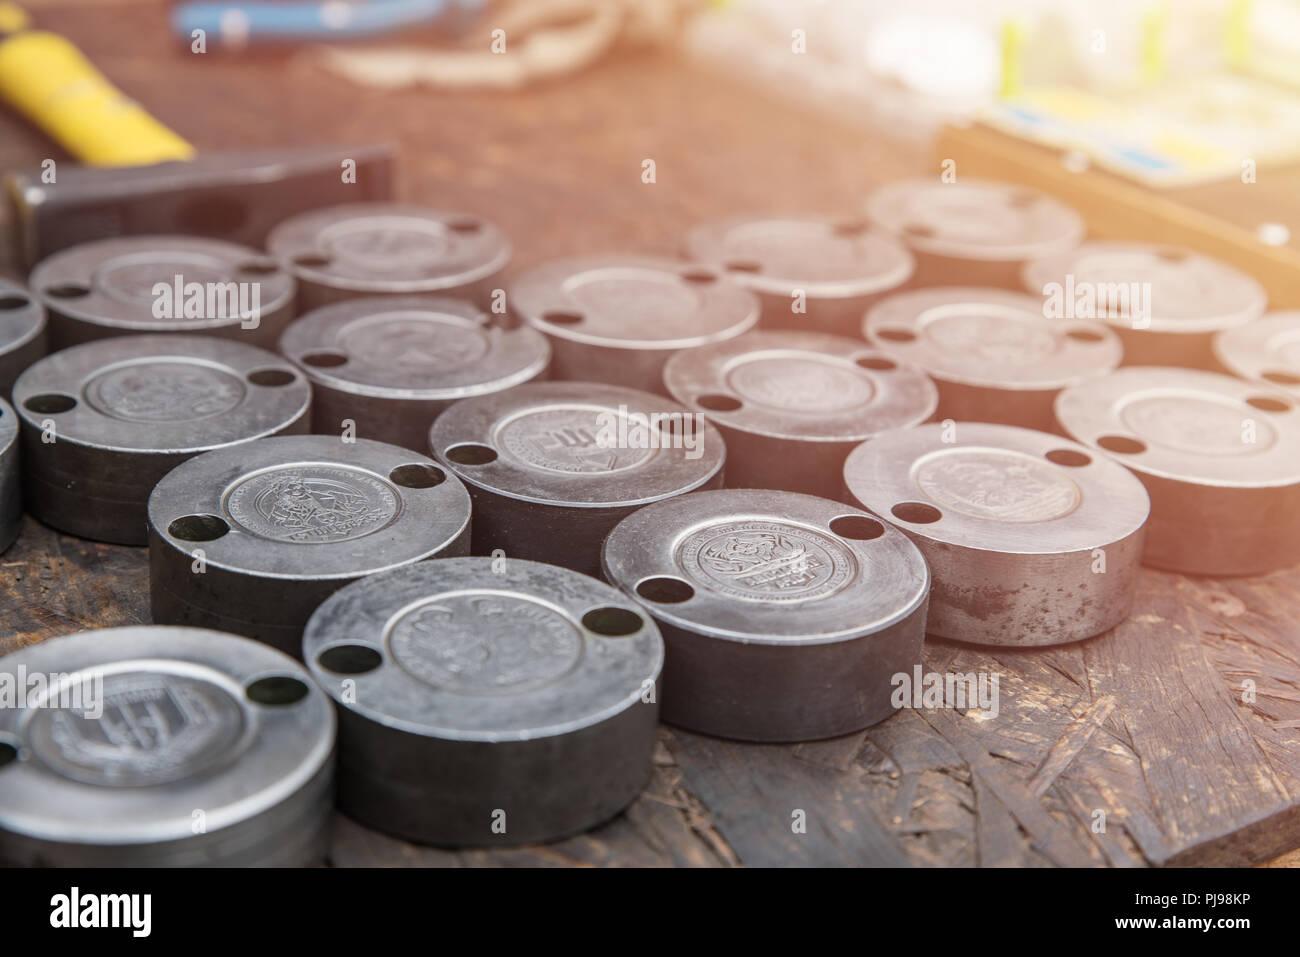 Stahl Klischee Für Die Erstellung Von Souvenir Münzen Tool Für Das